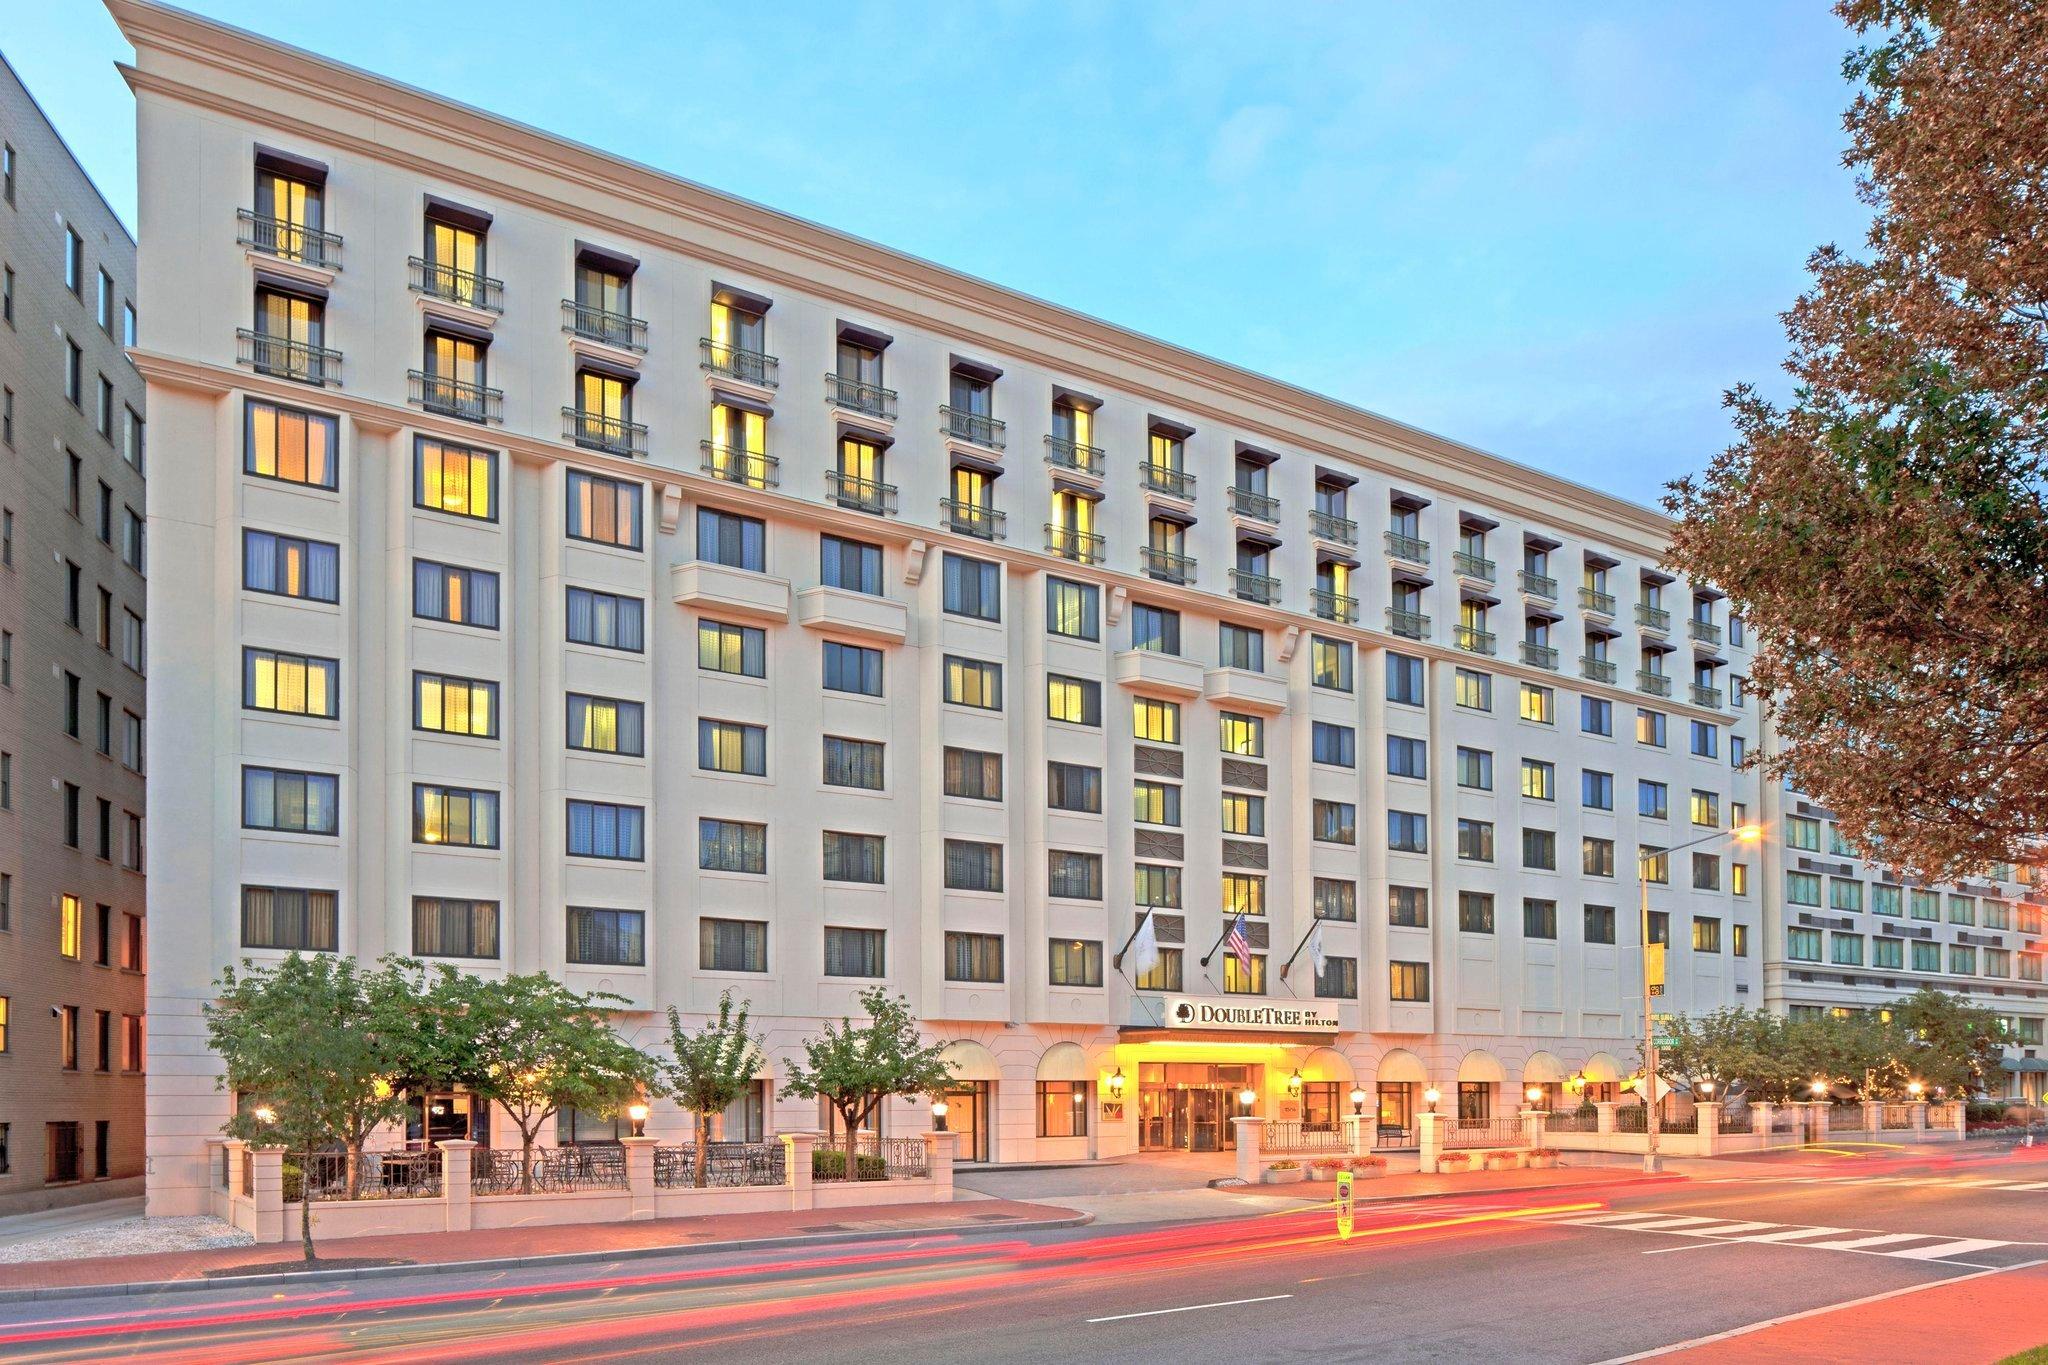 ダブルツリー ホテル ワシントンD.C